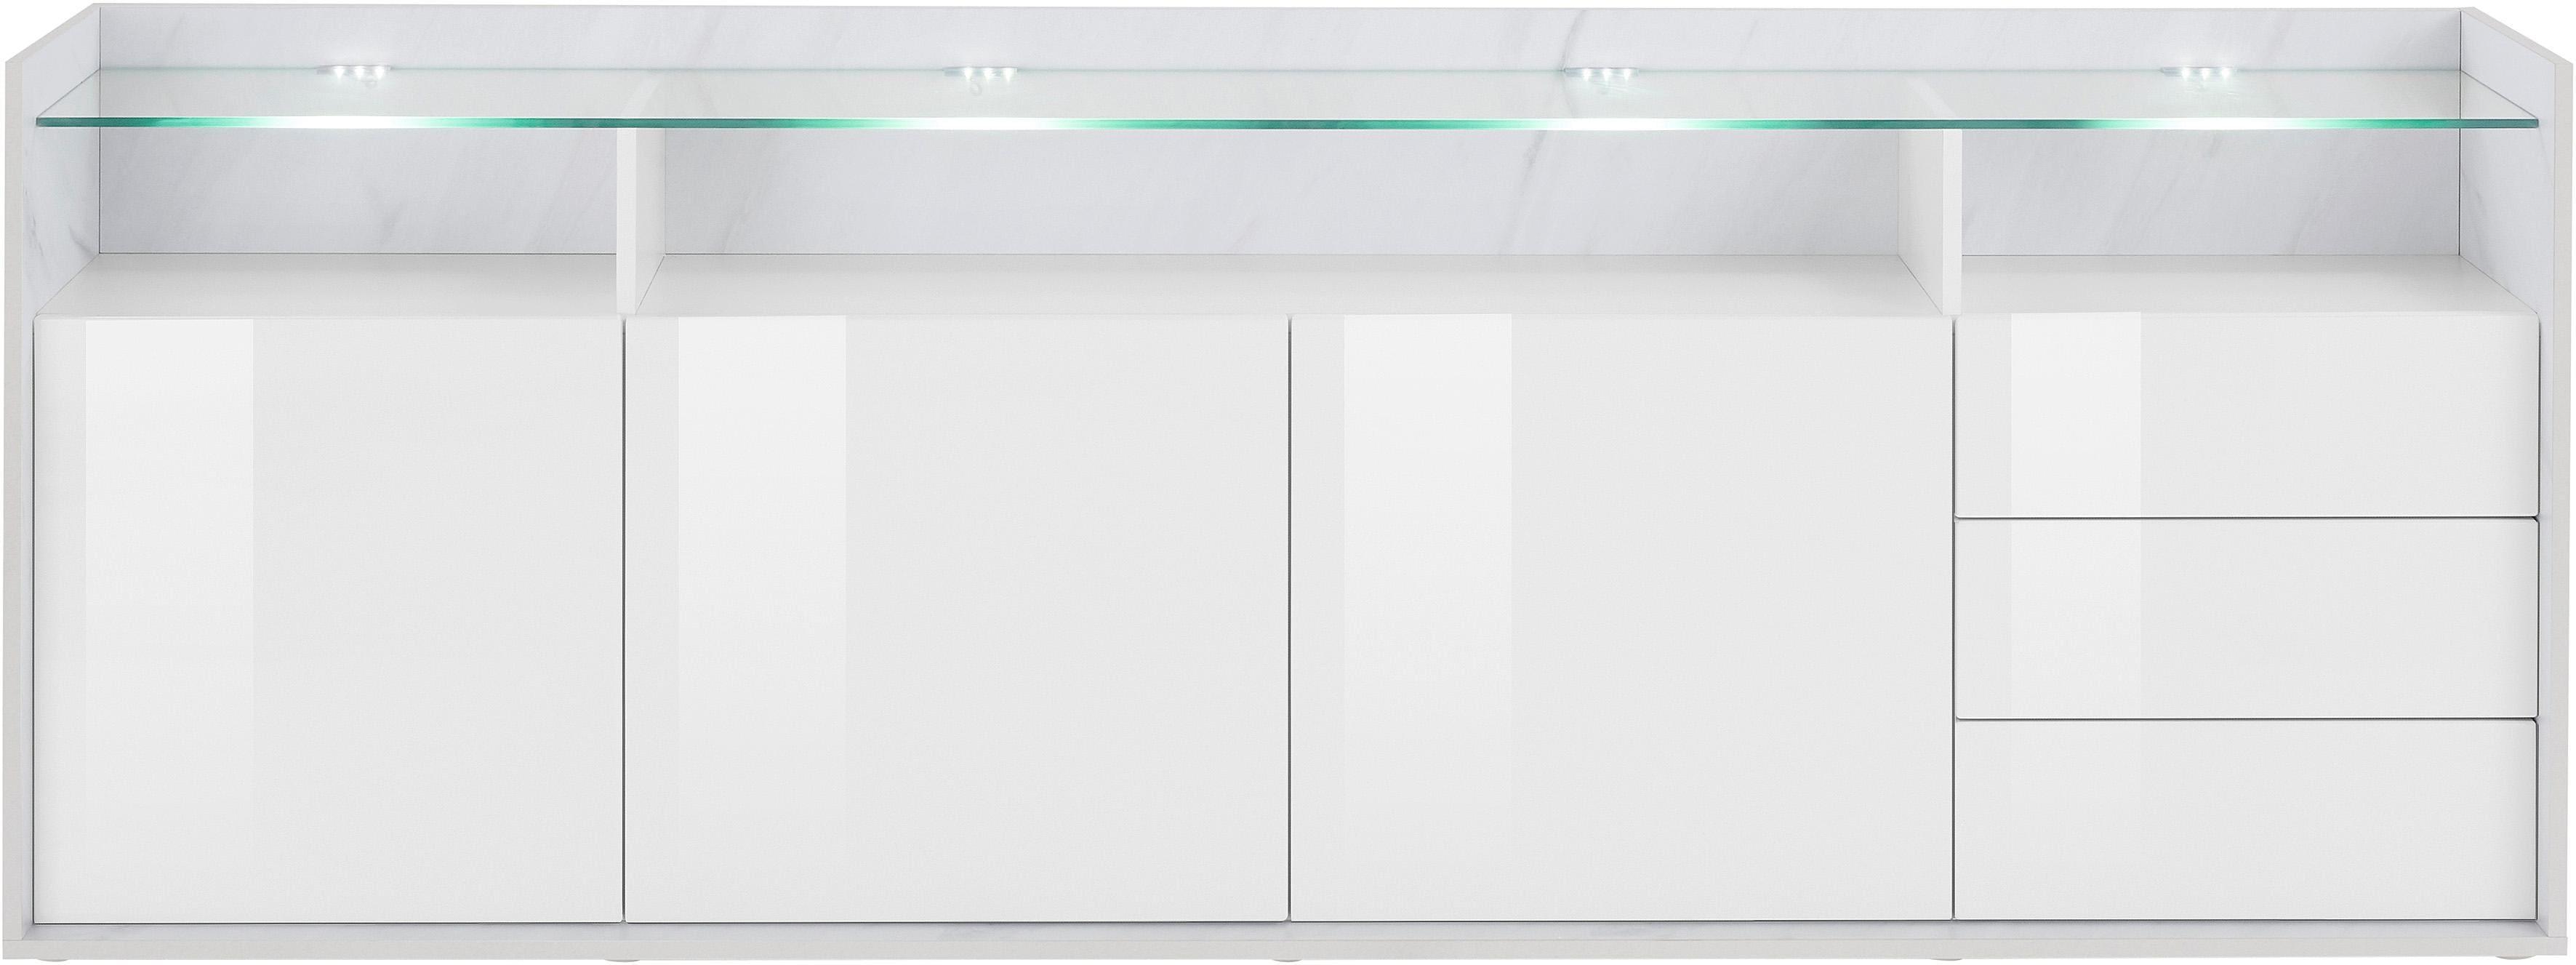 Borchardt Möbel Sideboard Livorno Breite 200 cm